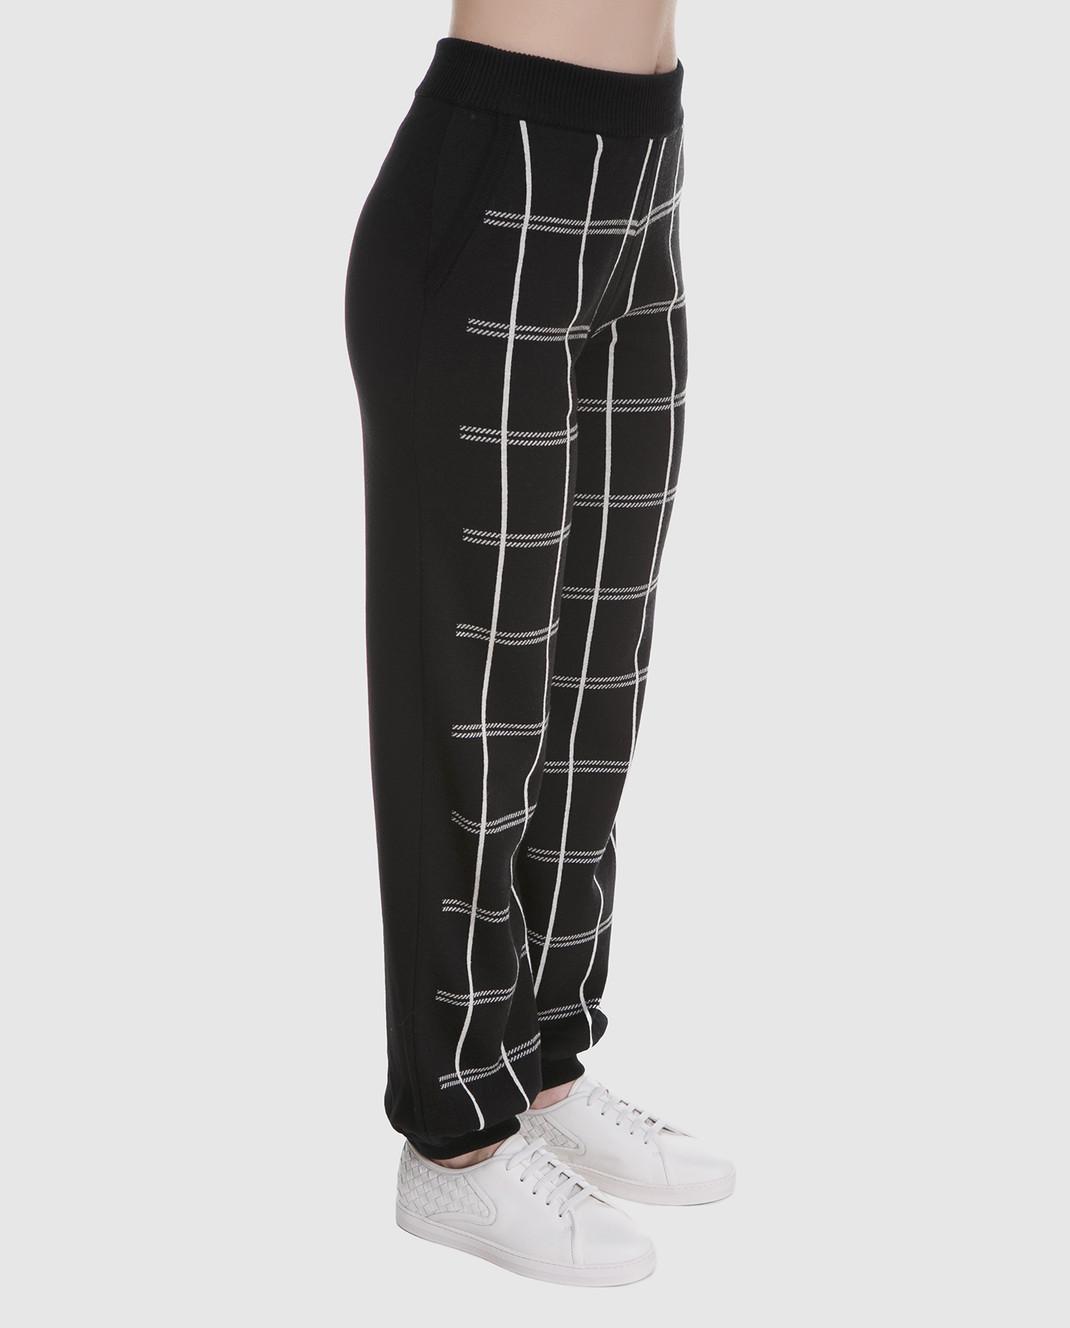 Chloe Черные брюки из шерсти 18SMT01540 изображение 3